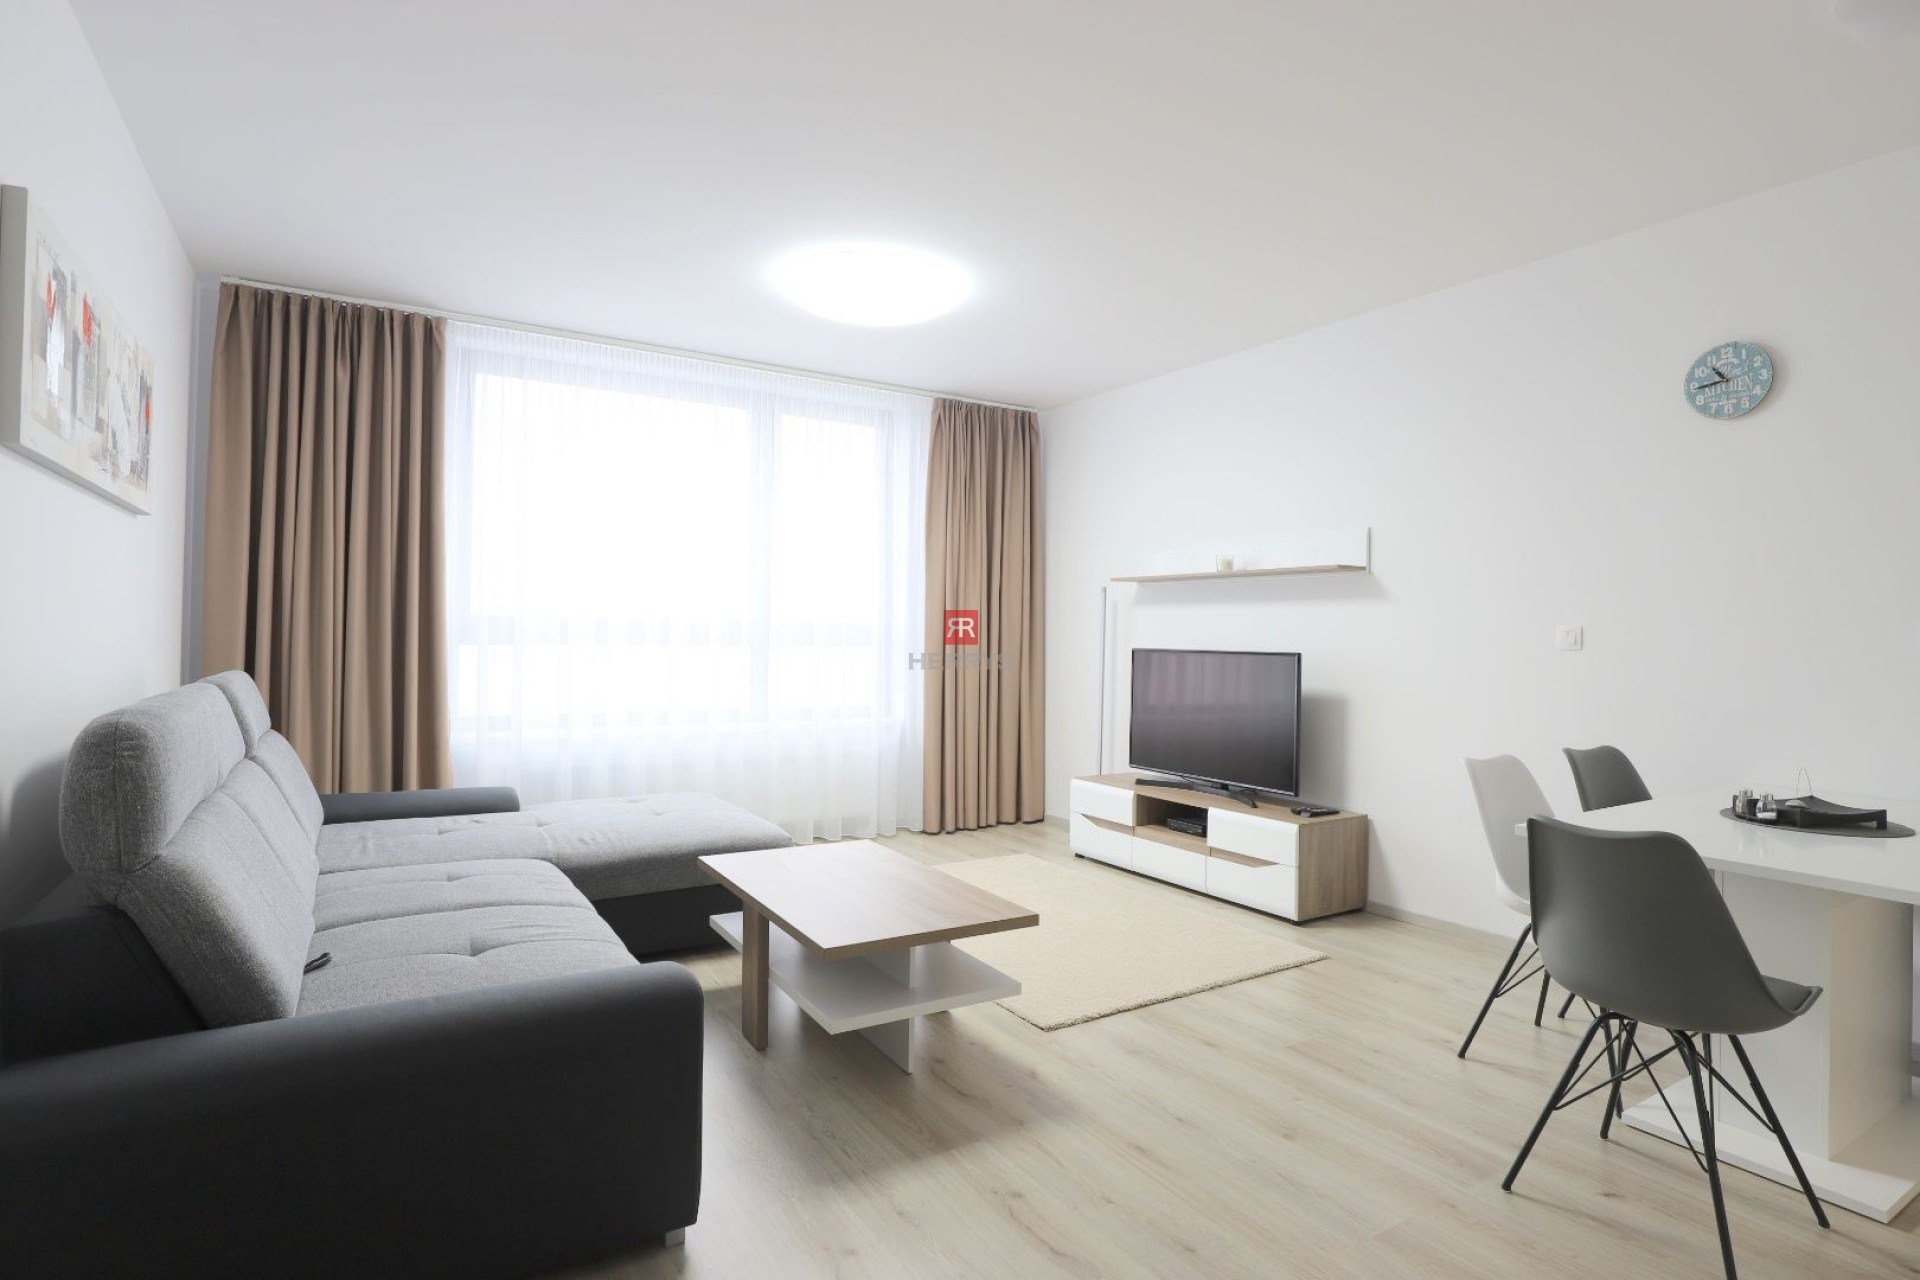 HERRYS - Na prenájom priestranný 2-izbový byt v novostavbe City Park s klimatizáciou, parkovaním a pivnicou